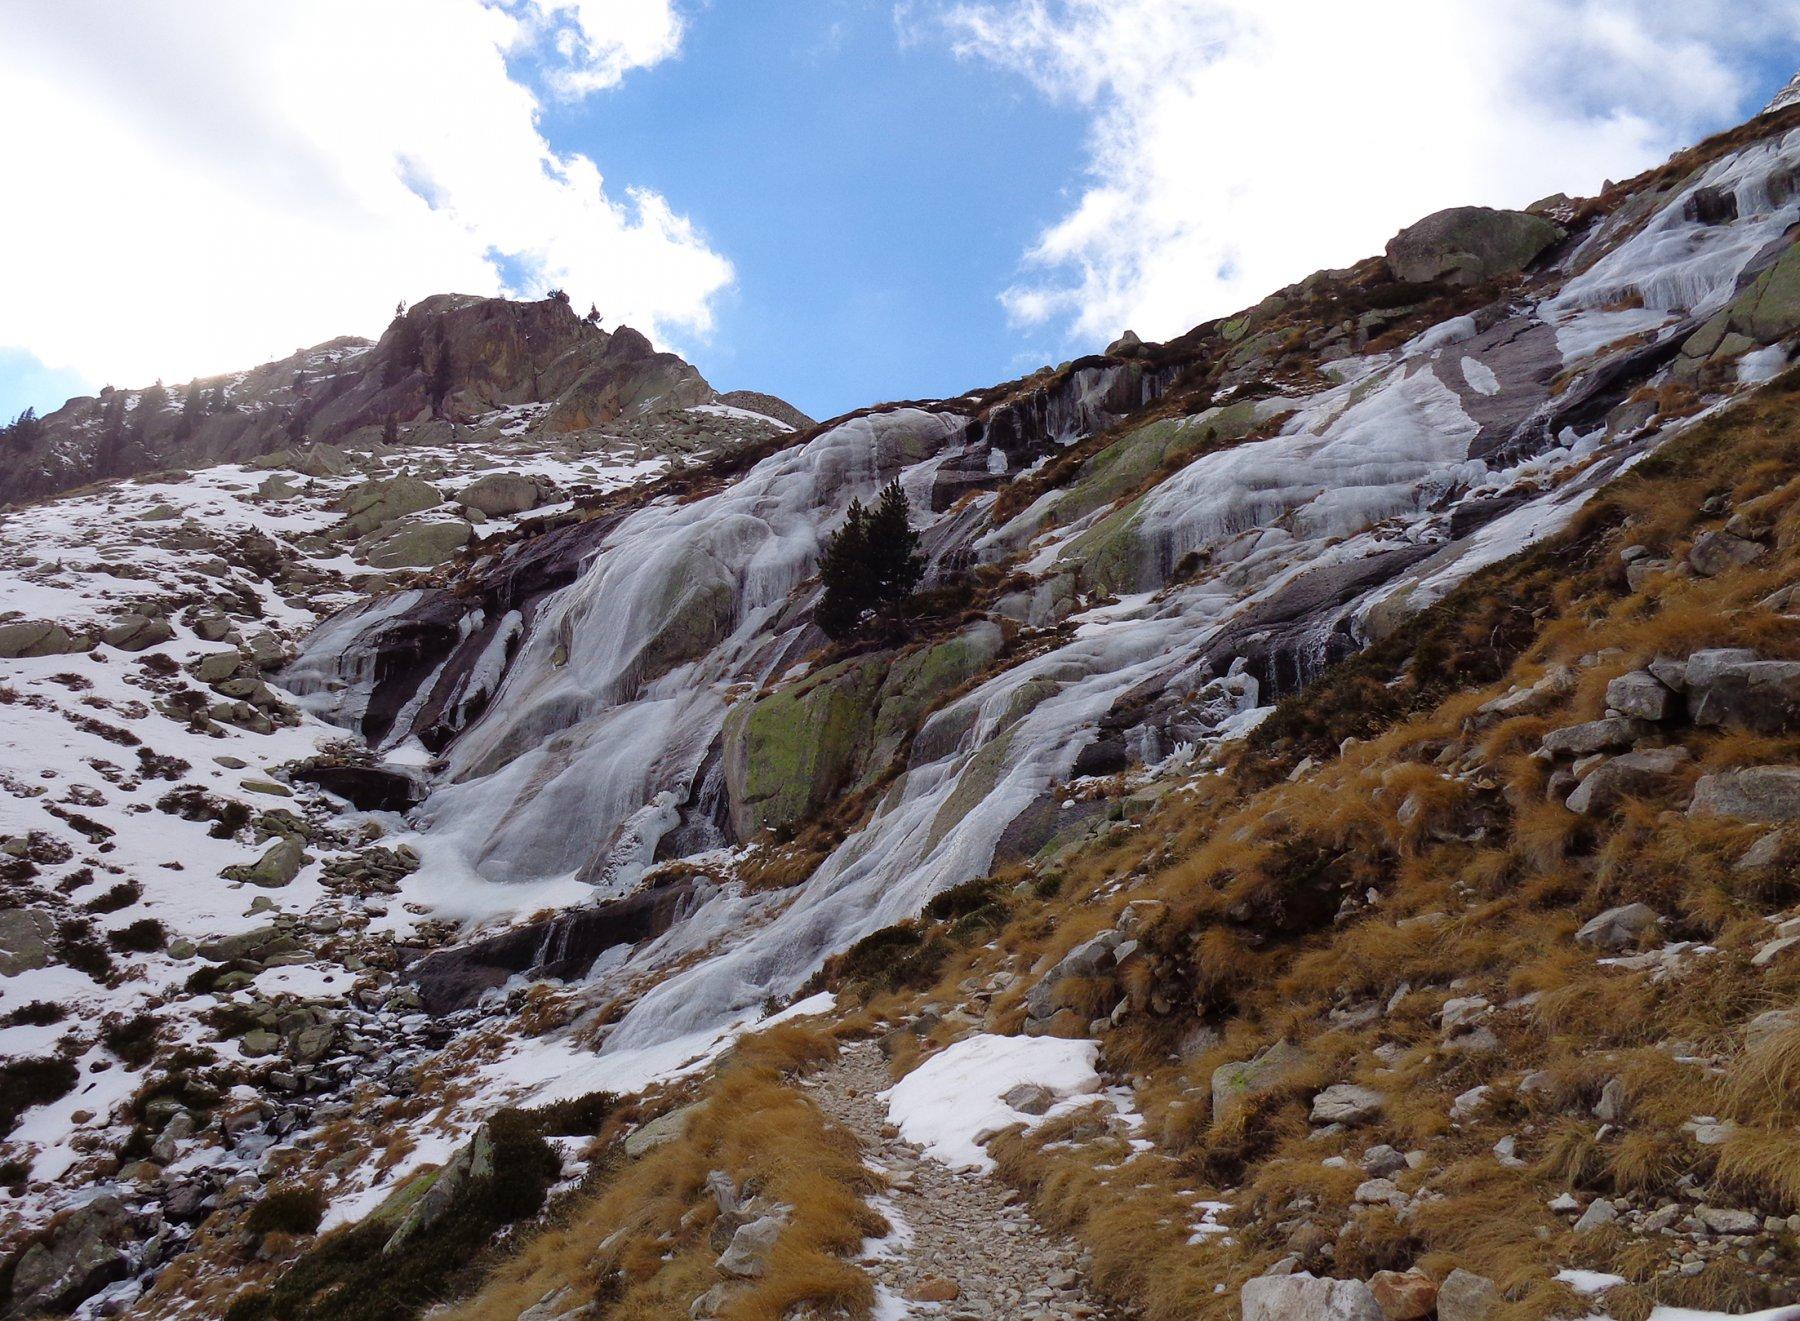 il ghiaccio sul sentiero verso i laghi